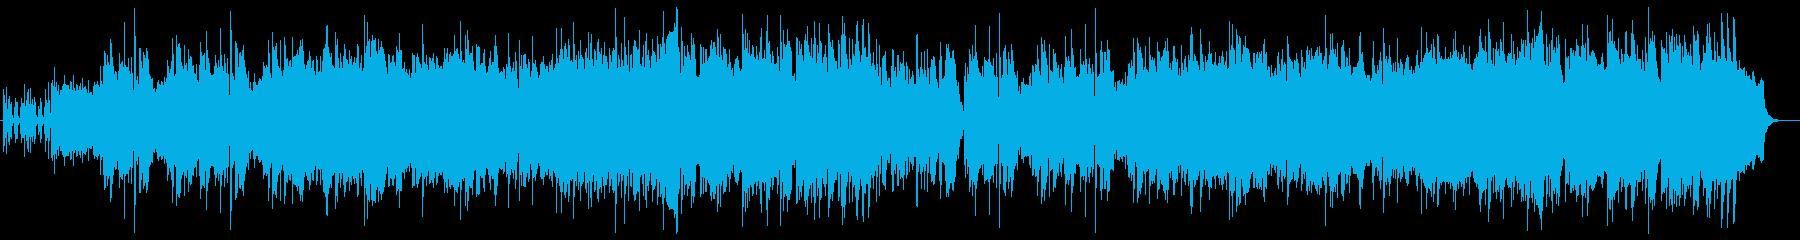 悠々としたシンセサイザーピアノサウンドの再生済みの波形